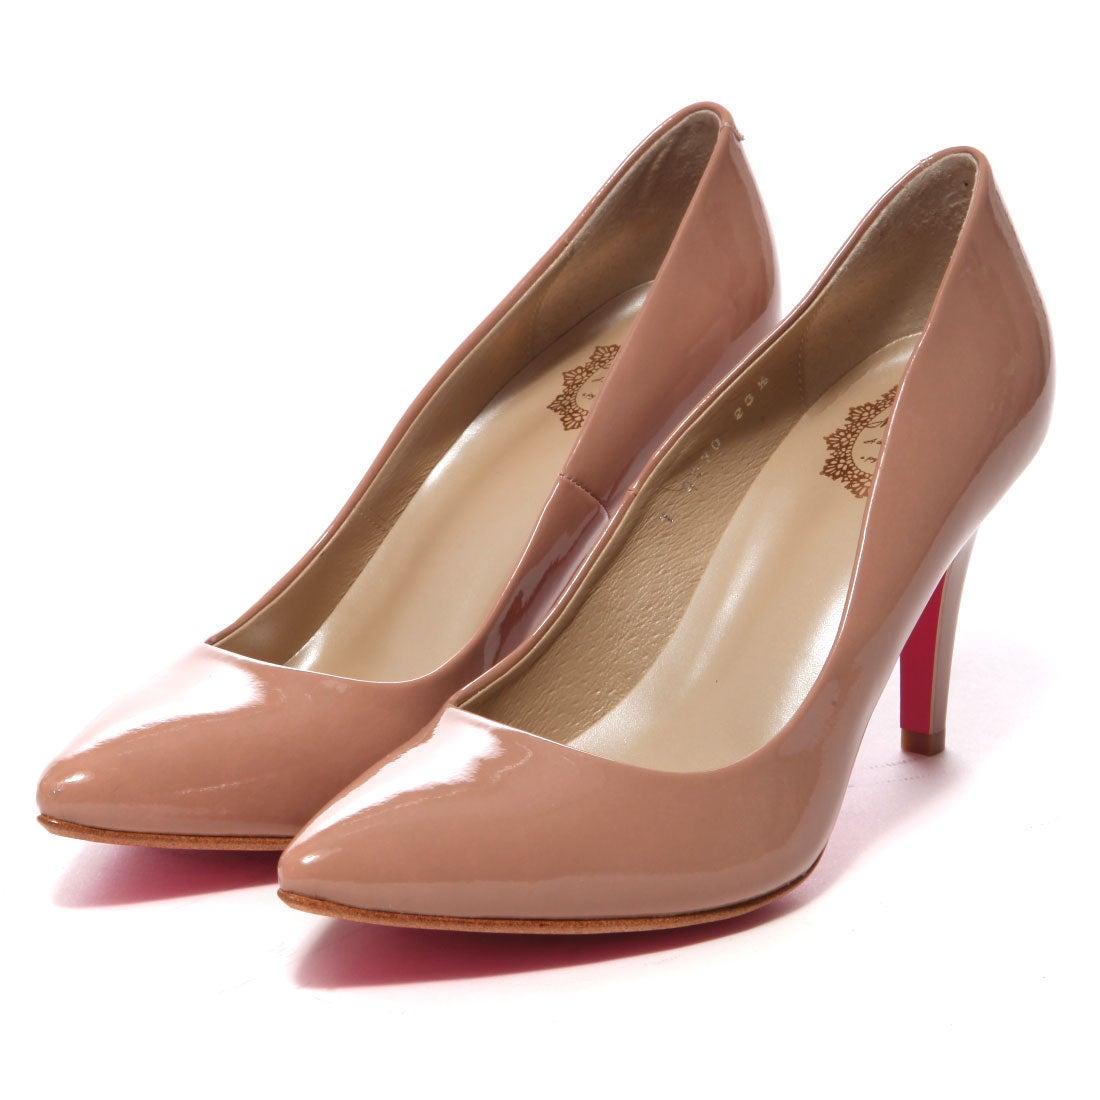 MODE CLASSE モード クラッセ Mode Classe パンプス (ピンクベージュエナメル) ,靴とファッションの通販サイト ロコンド